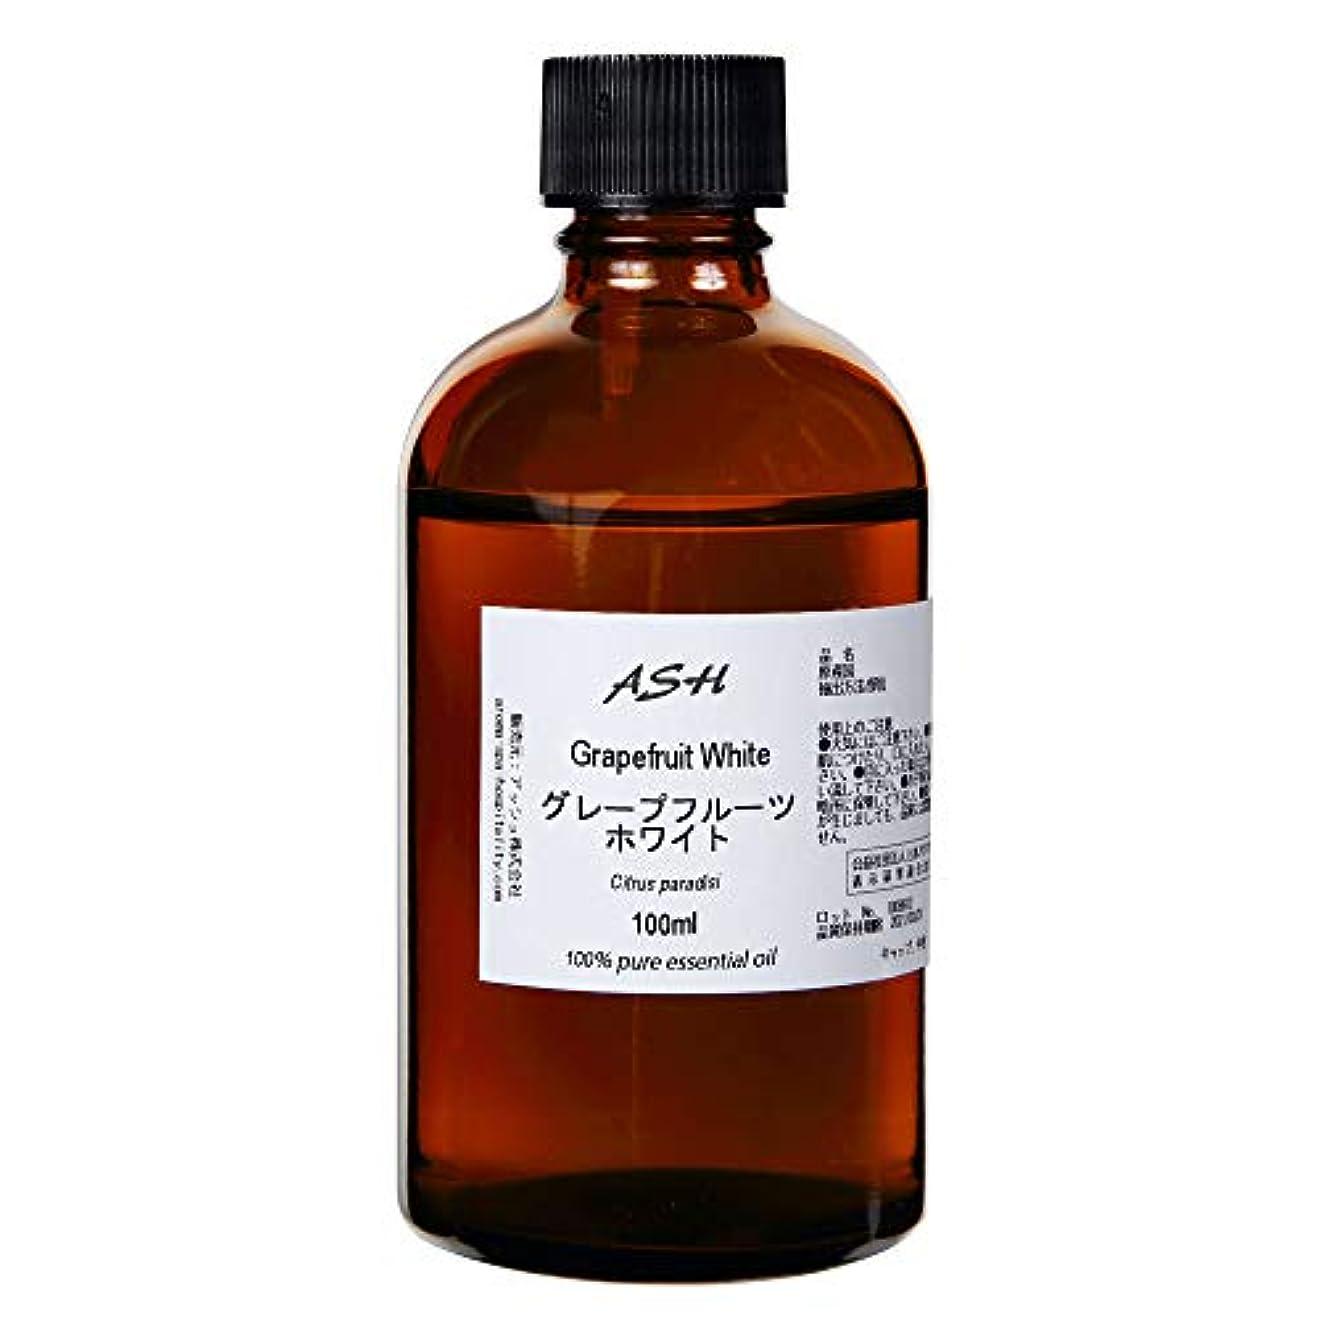 持続的全員取り出すASH グレープフルーツホワイト エッセンシャルオイル 100ml AEAJ表示基準適合認定精油